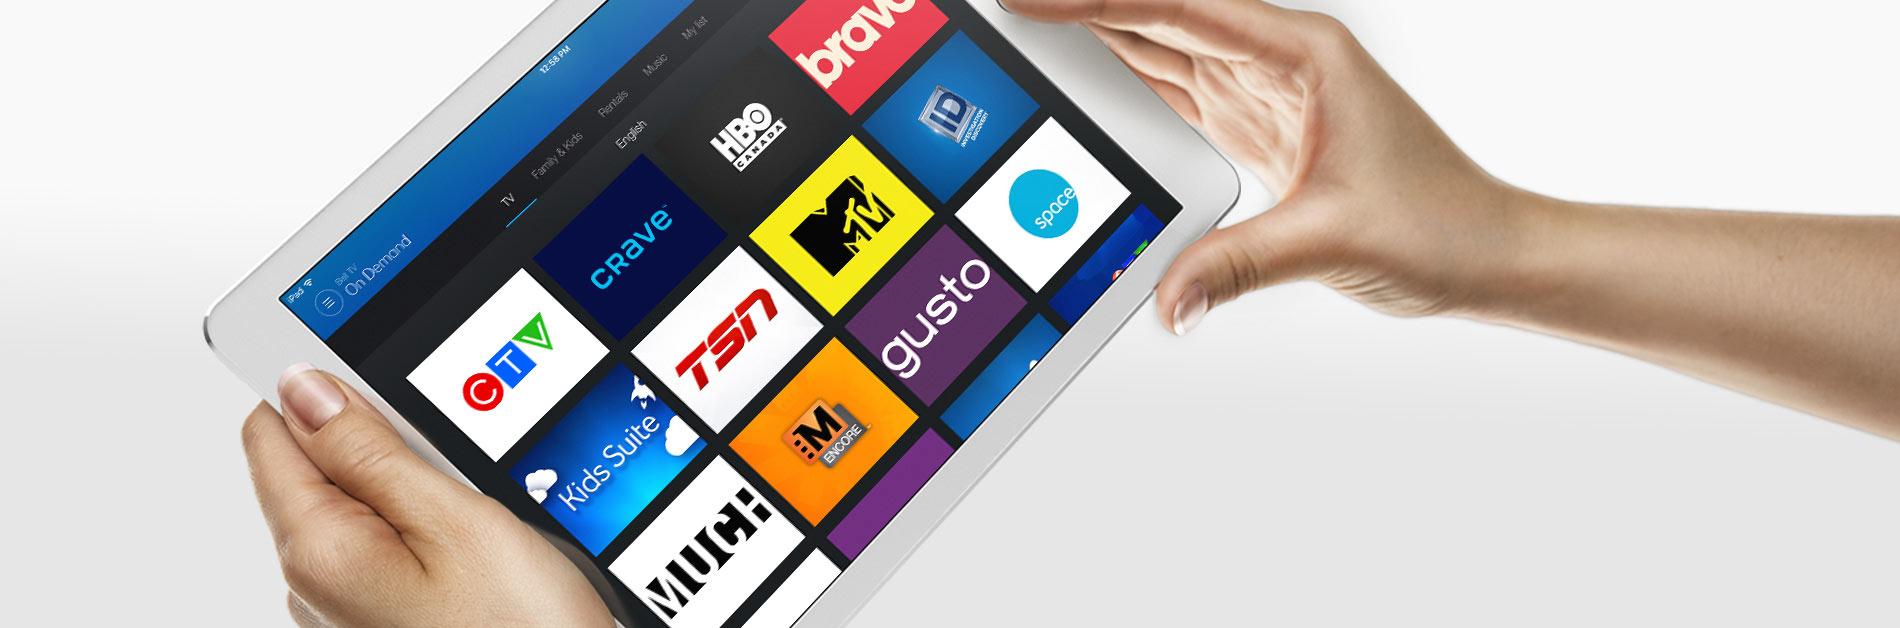 Fibe TV app | Fibe TV | Bell Aliant